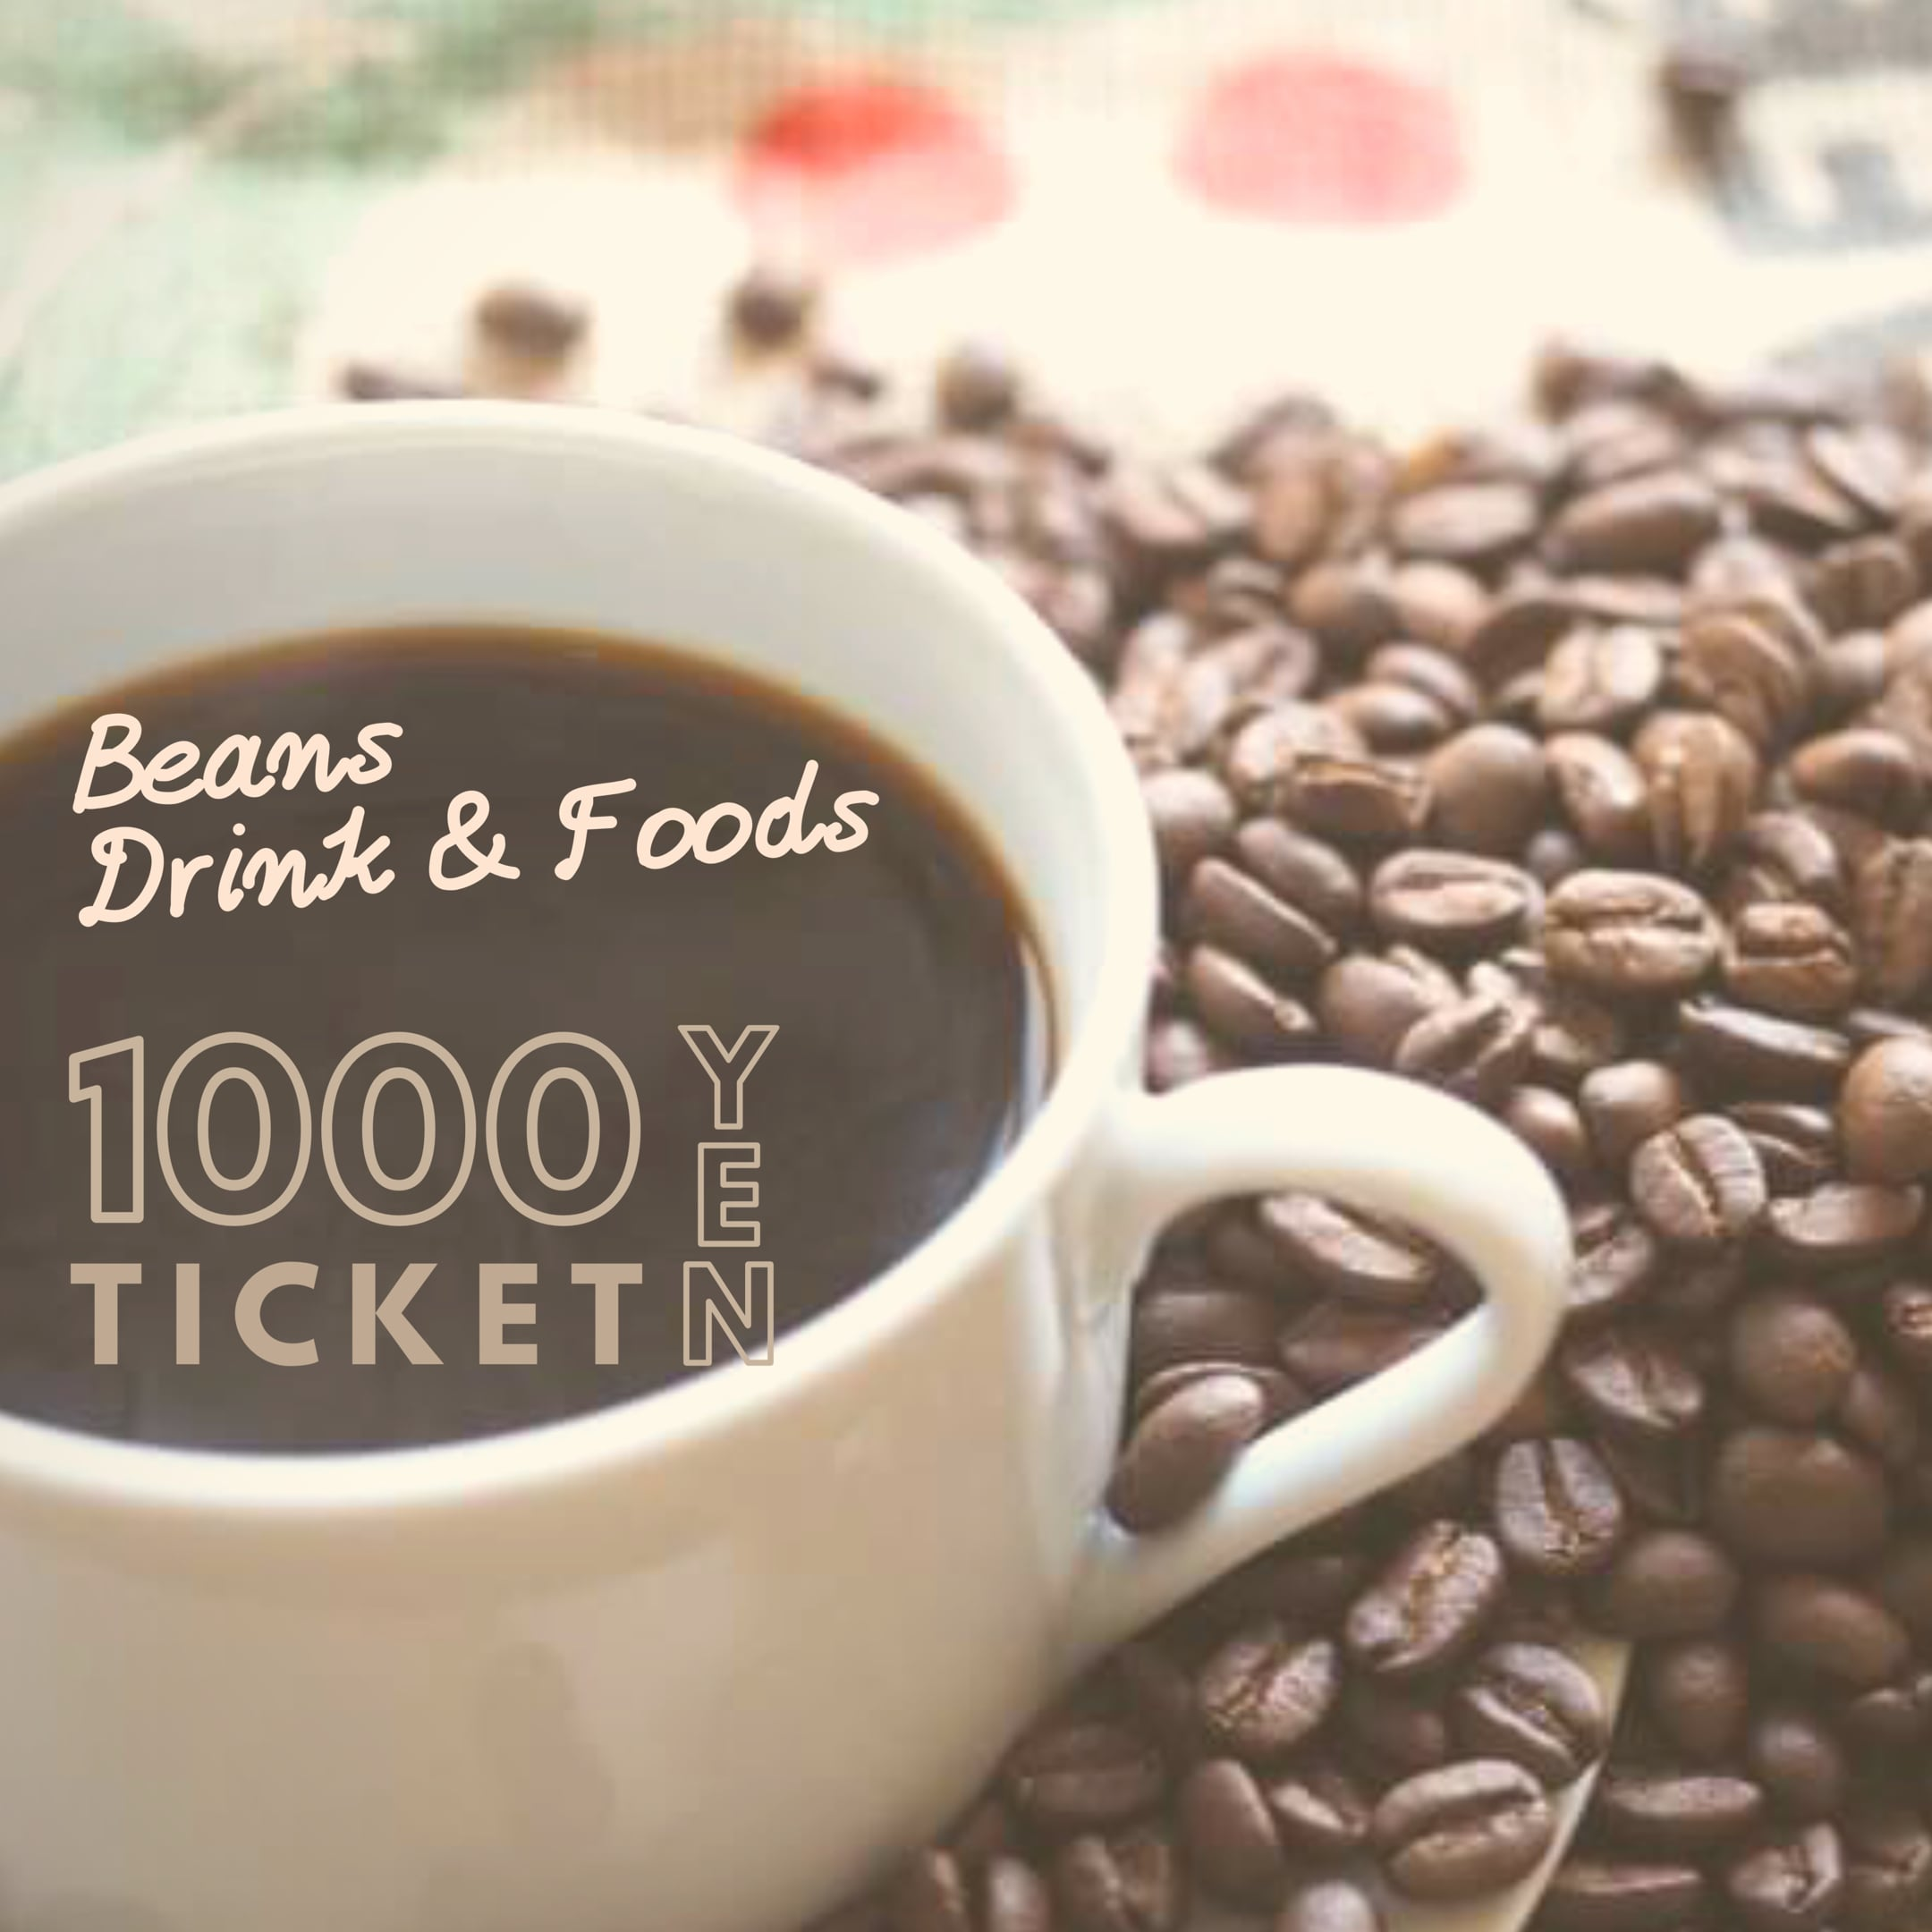 [現地払い可]1,000円チケット/コーヒー豆/ドリンク/フード専用のイメージその1